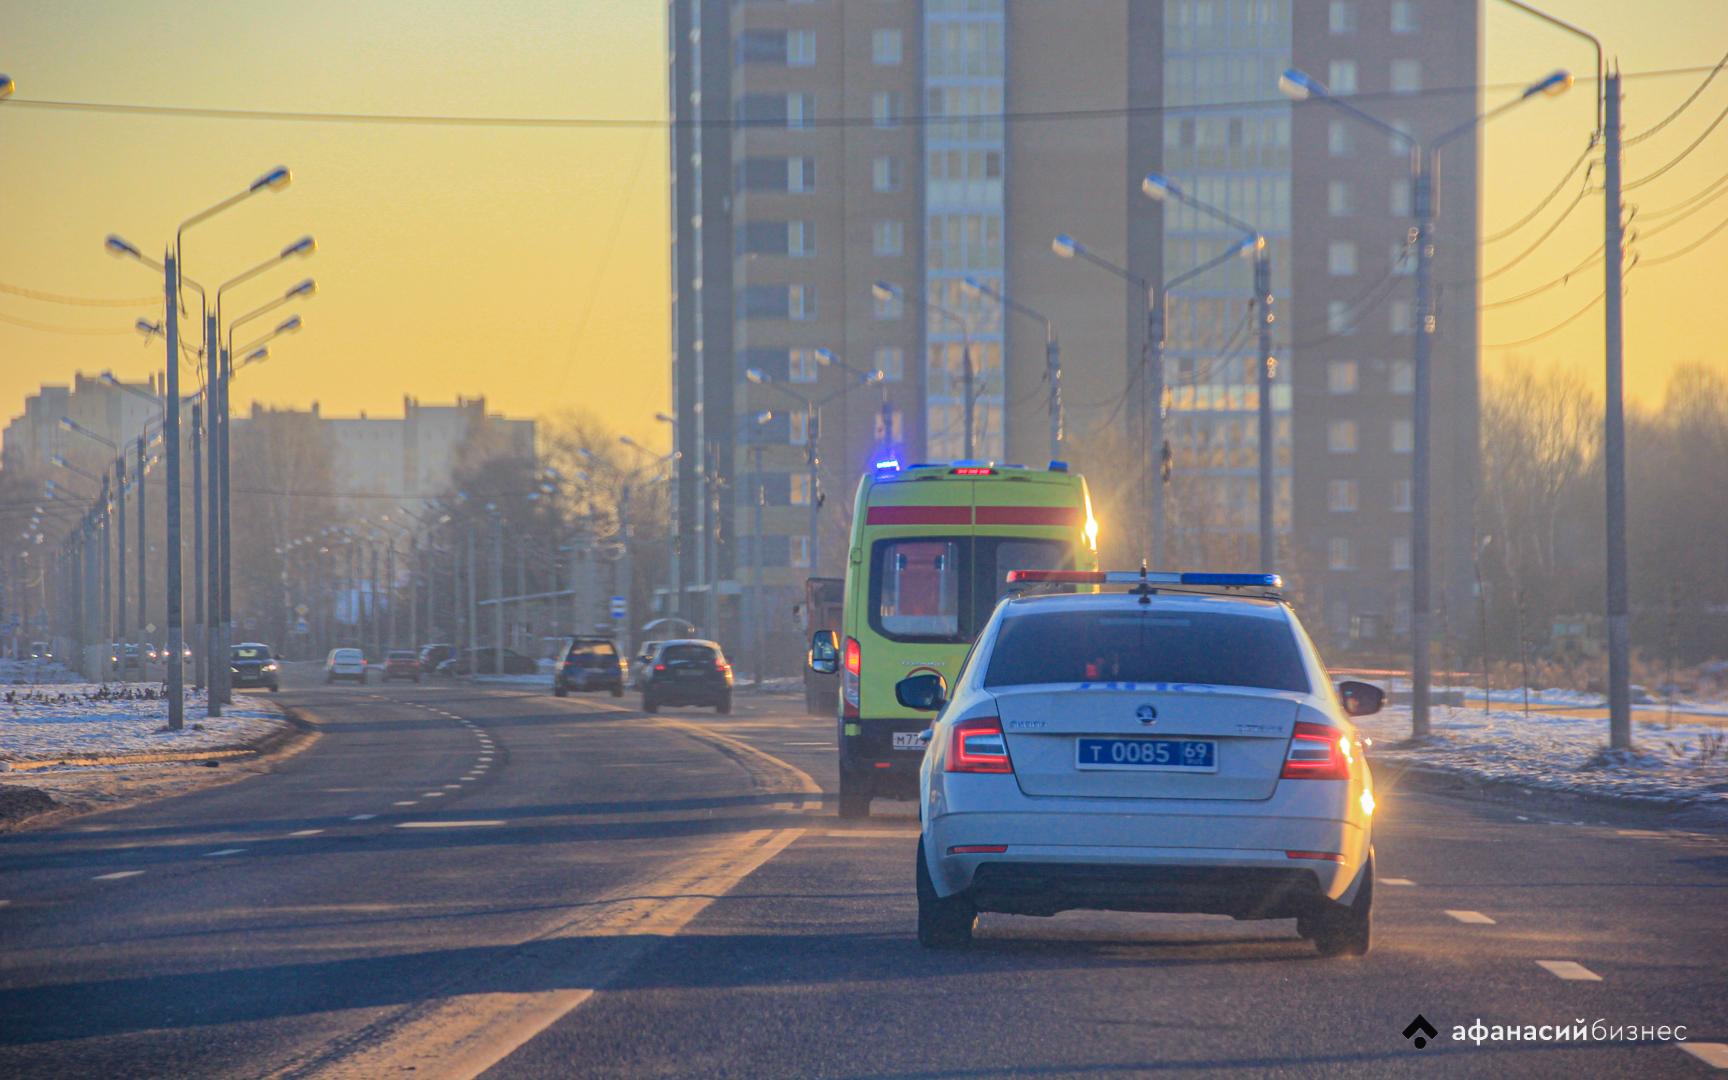 Двое маленьких детей доставлены в больницу после столкновения двух легковушек в Твери - новости Афанасий